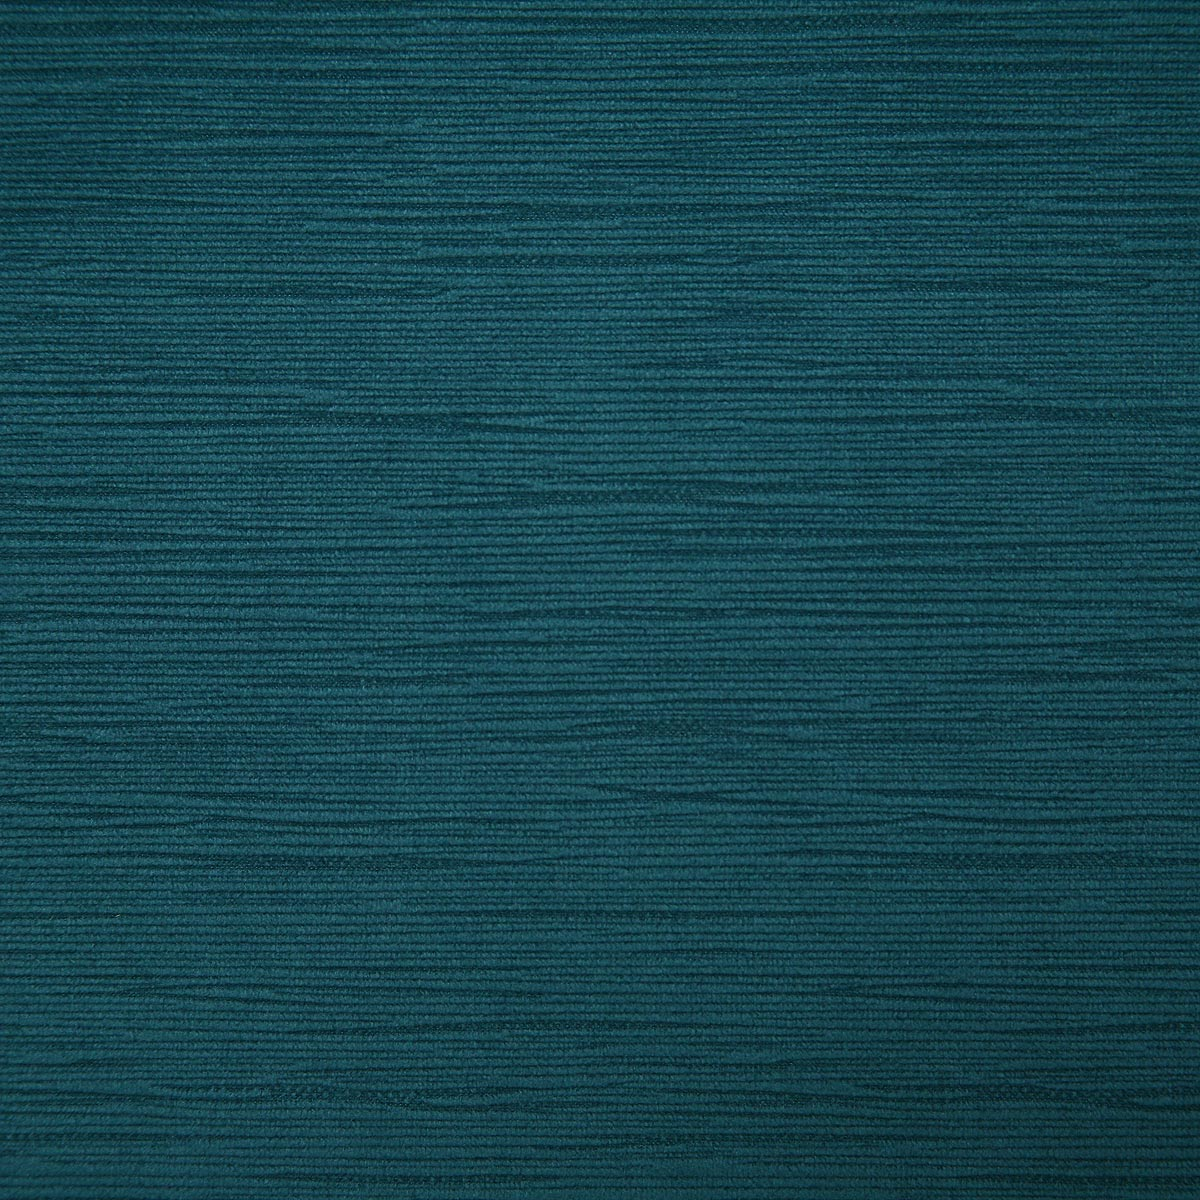 Neptune 5847